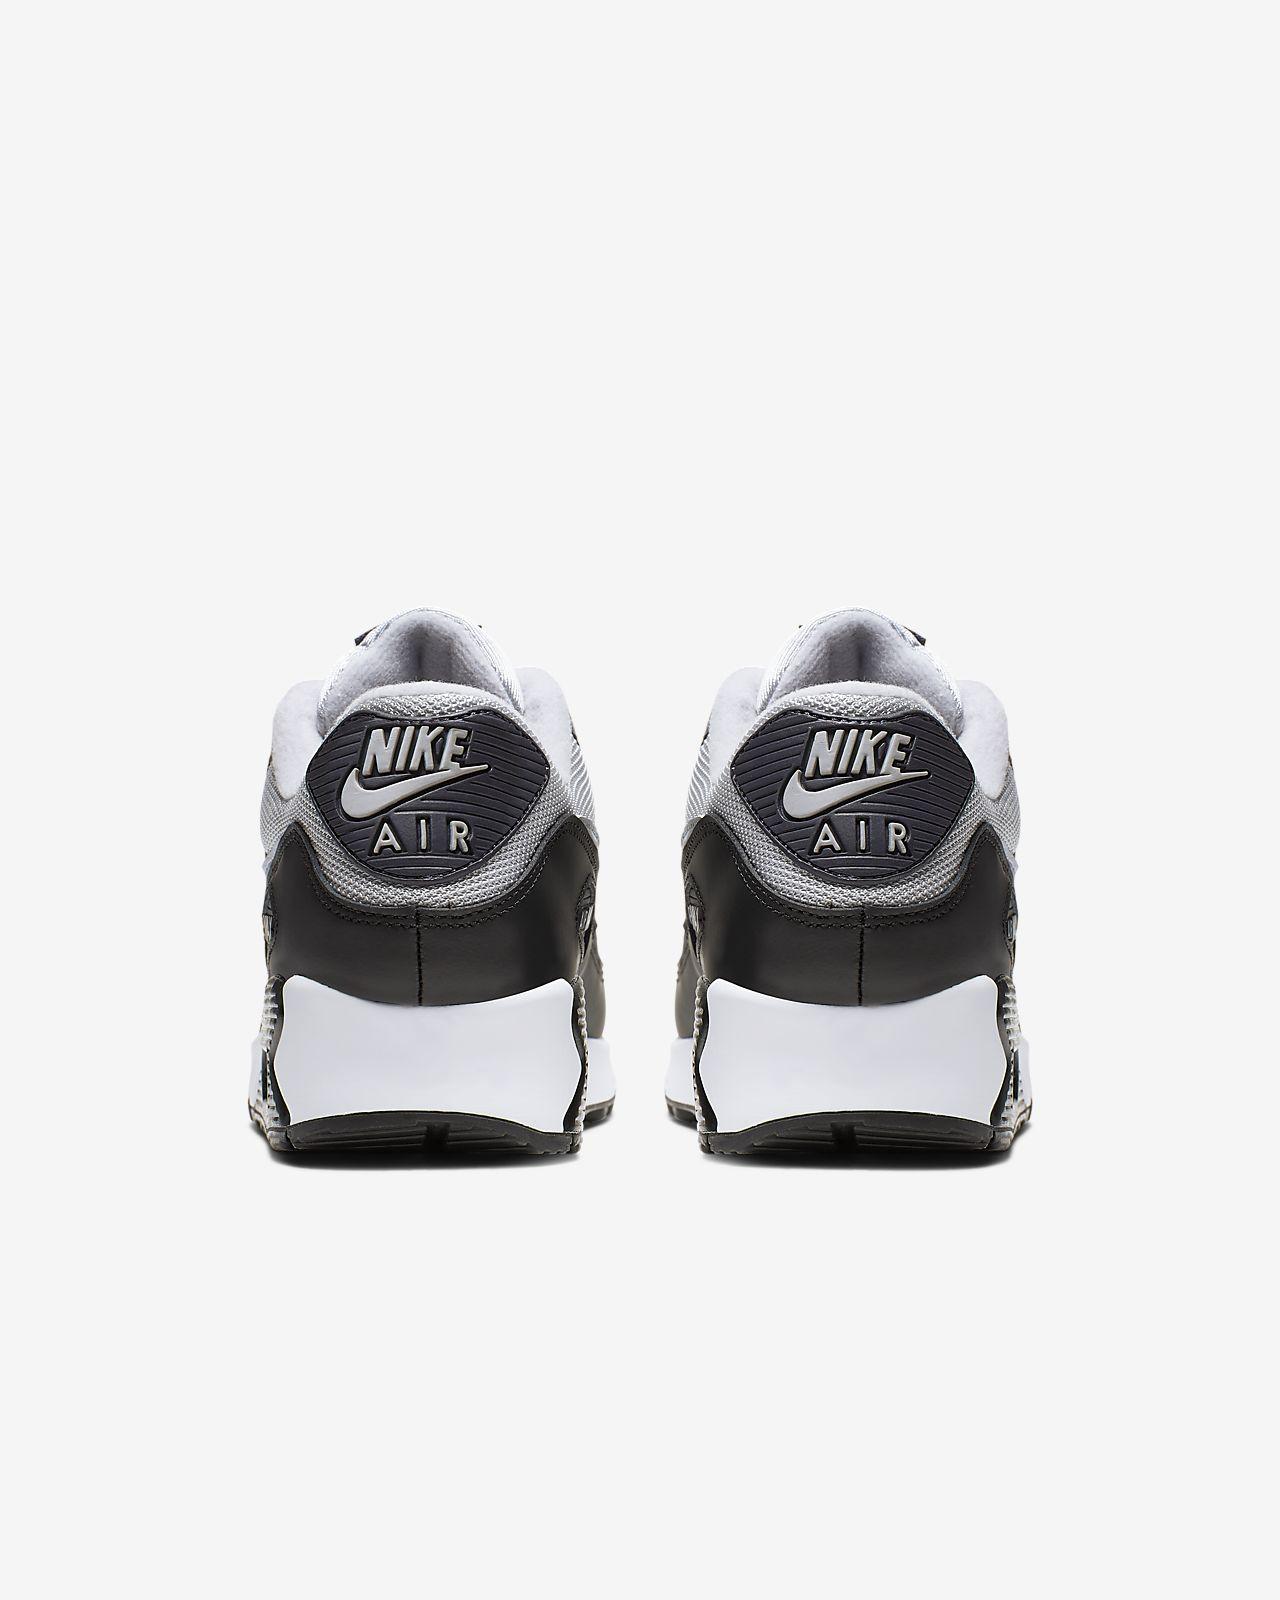 detalles de nike air max 90 de cuero blanco malla zapatillas